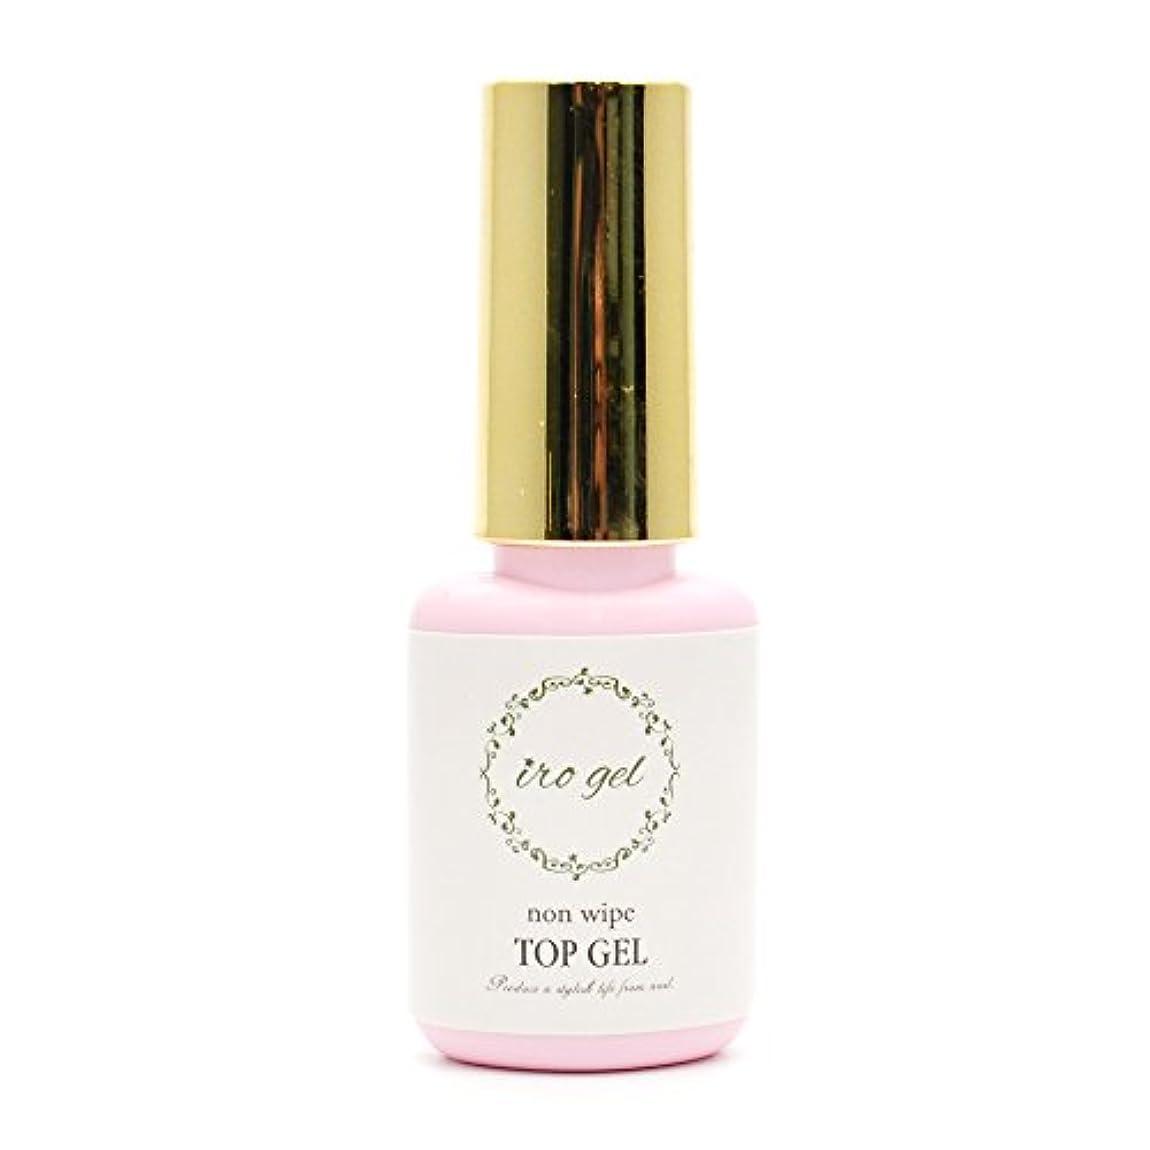 iro gel (イロジェル) ジェルネイル UV LED 対応 トップコート セット 10ml [ 拭き取り不要 ノンワイプ ]